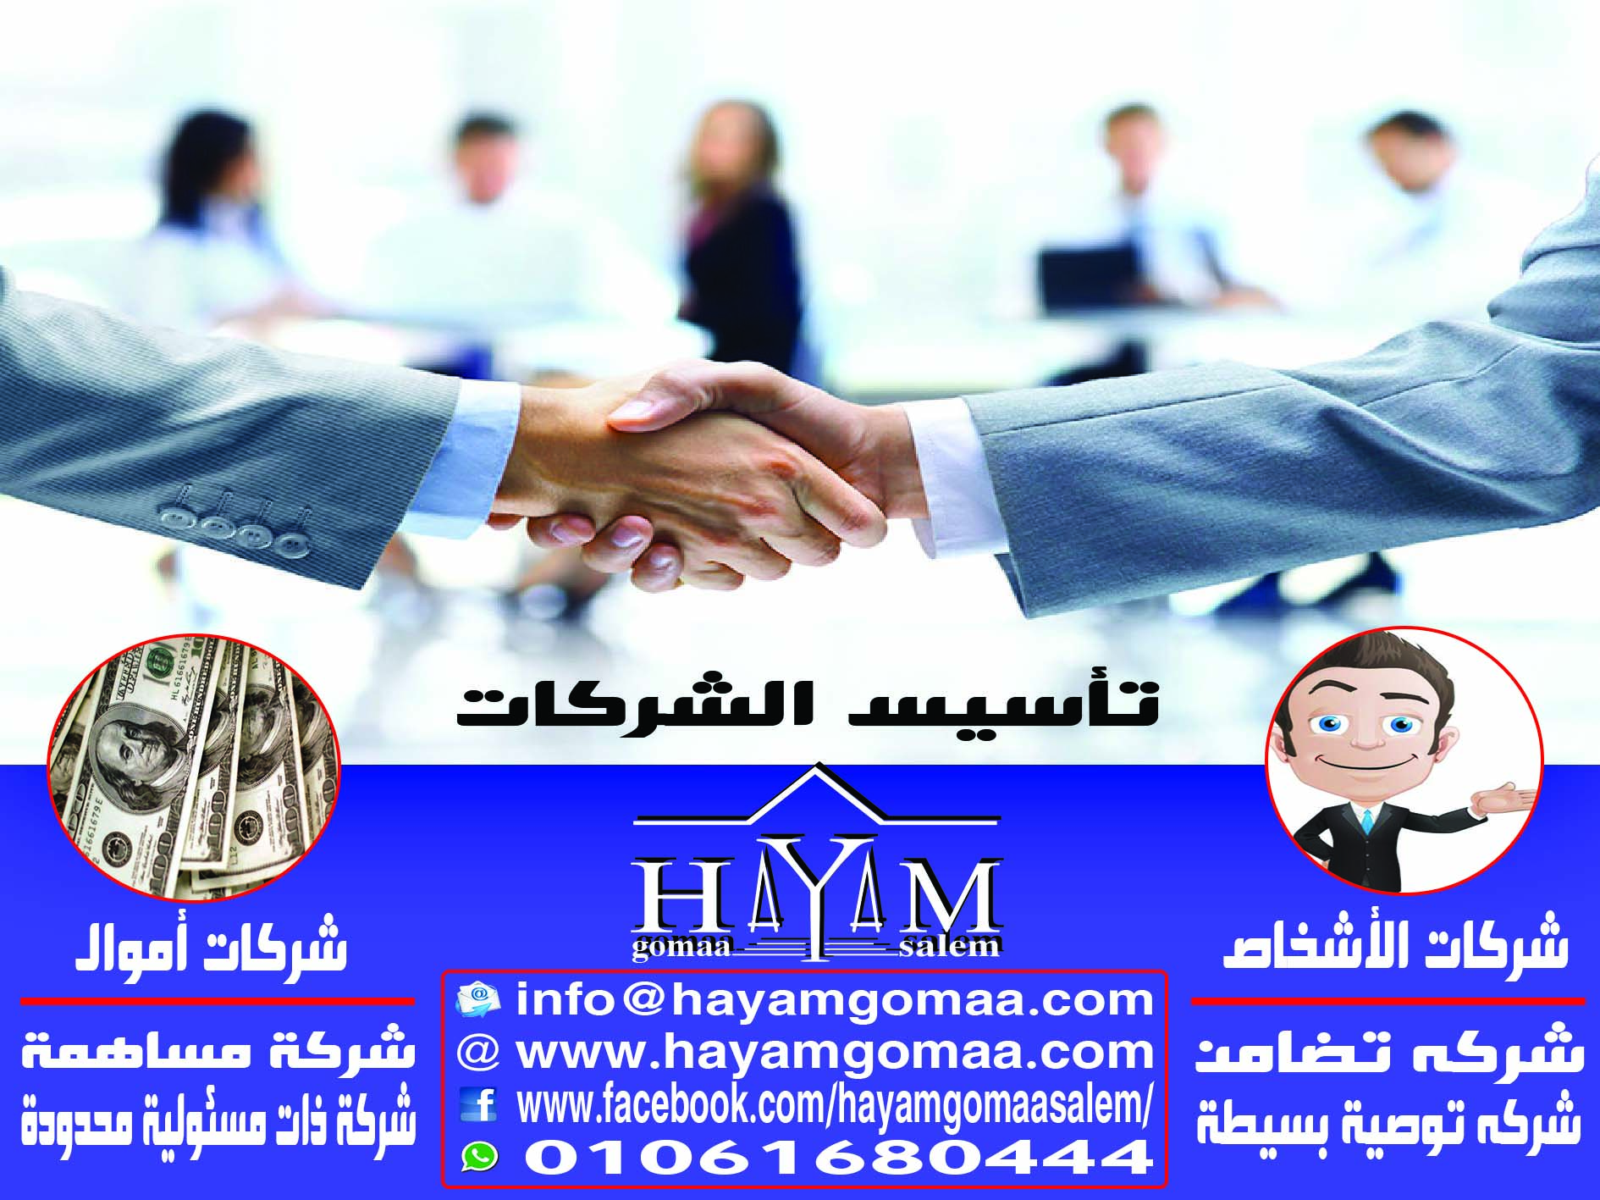 اجراءات تأسيس شركة فى الهيئة العاملة للاستثمار – المستشارة هيام جمعة سالم